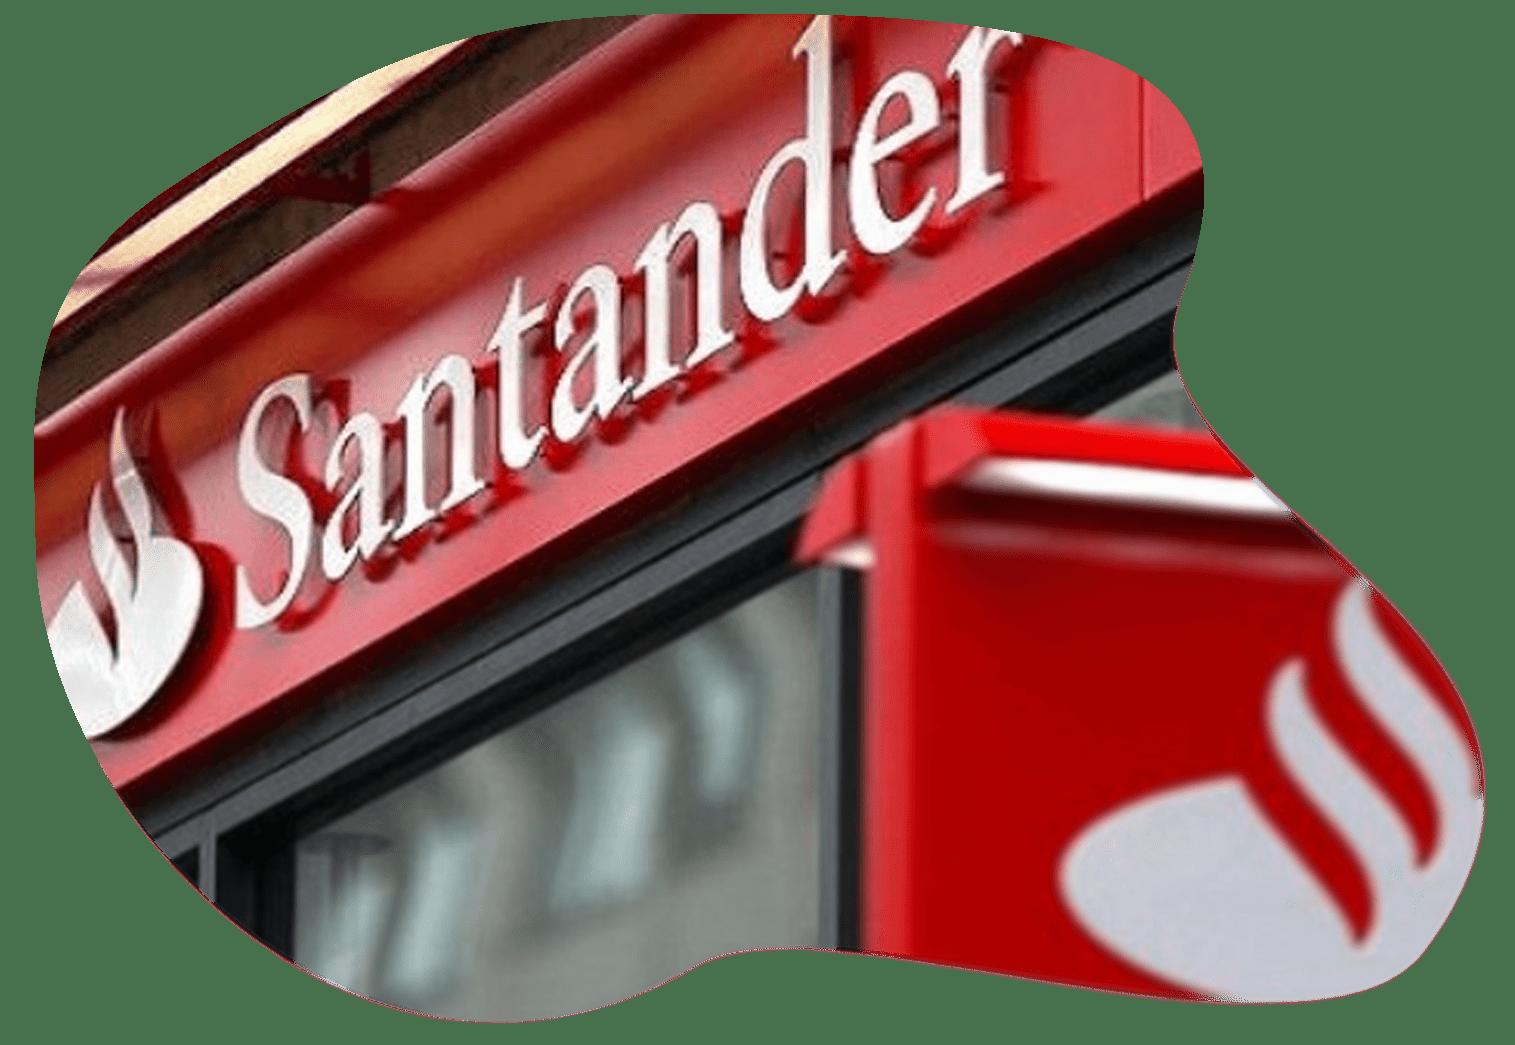 yuris-derecho-bancario-banco-santander-valores